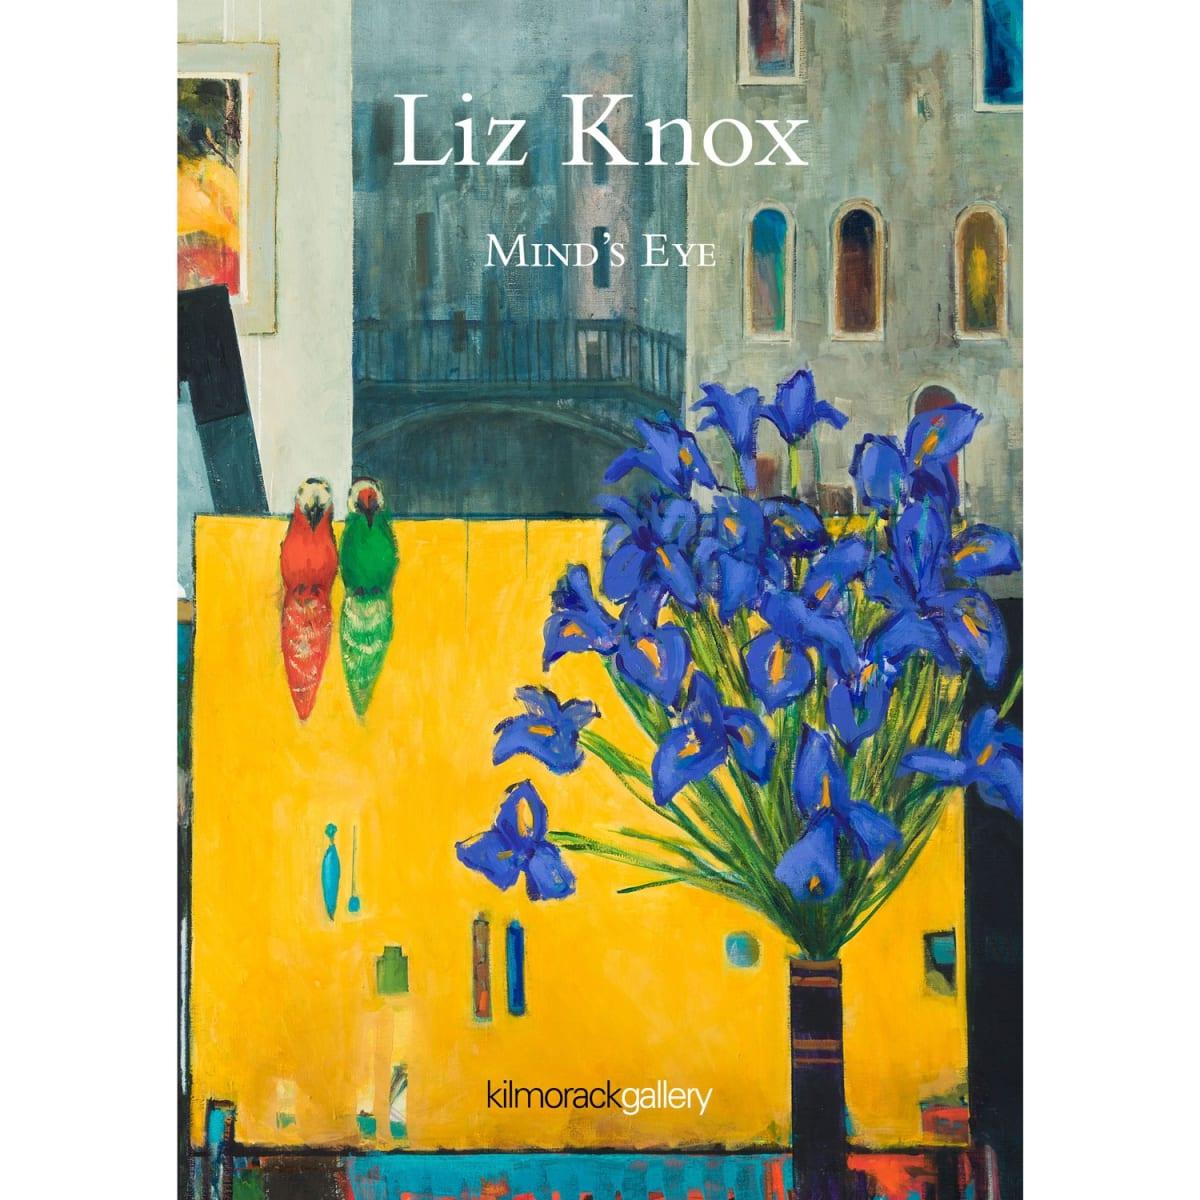 Liz Knox